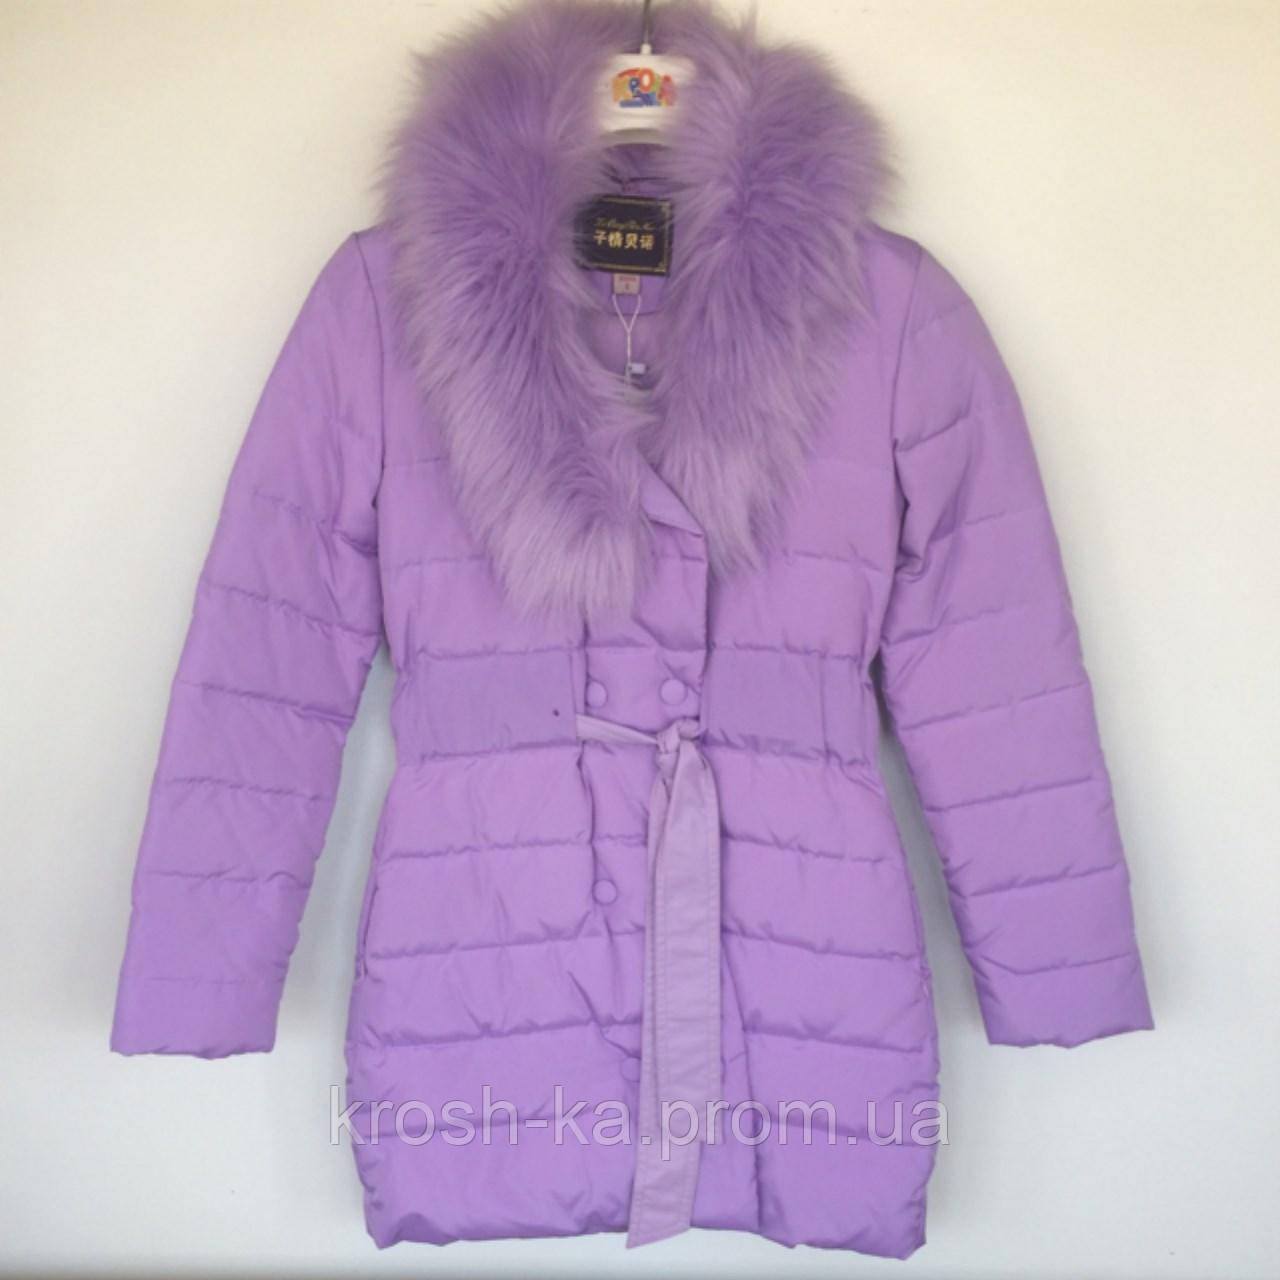 Пальто для девочки (160)р зимнее Vilen Китай лавандовый 8401